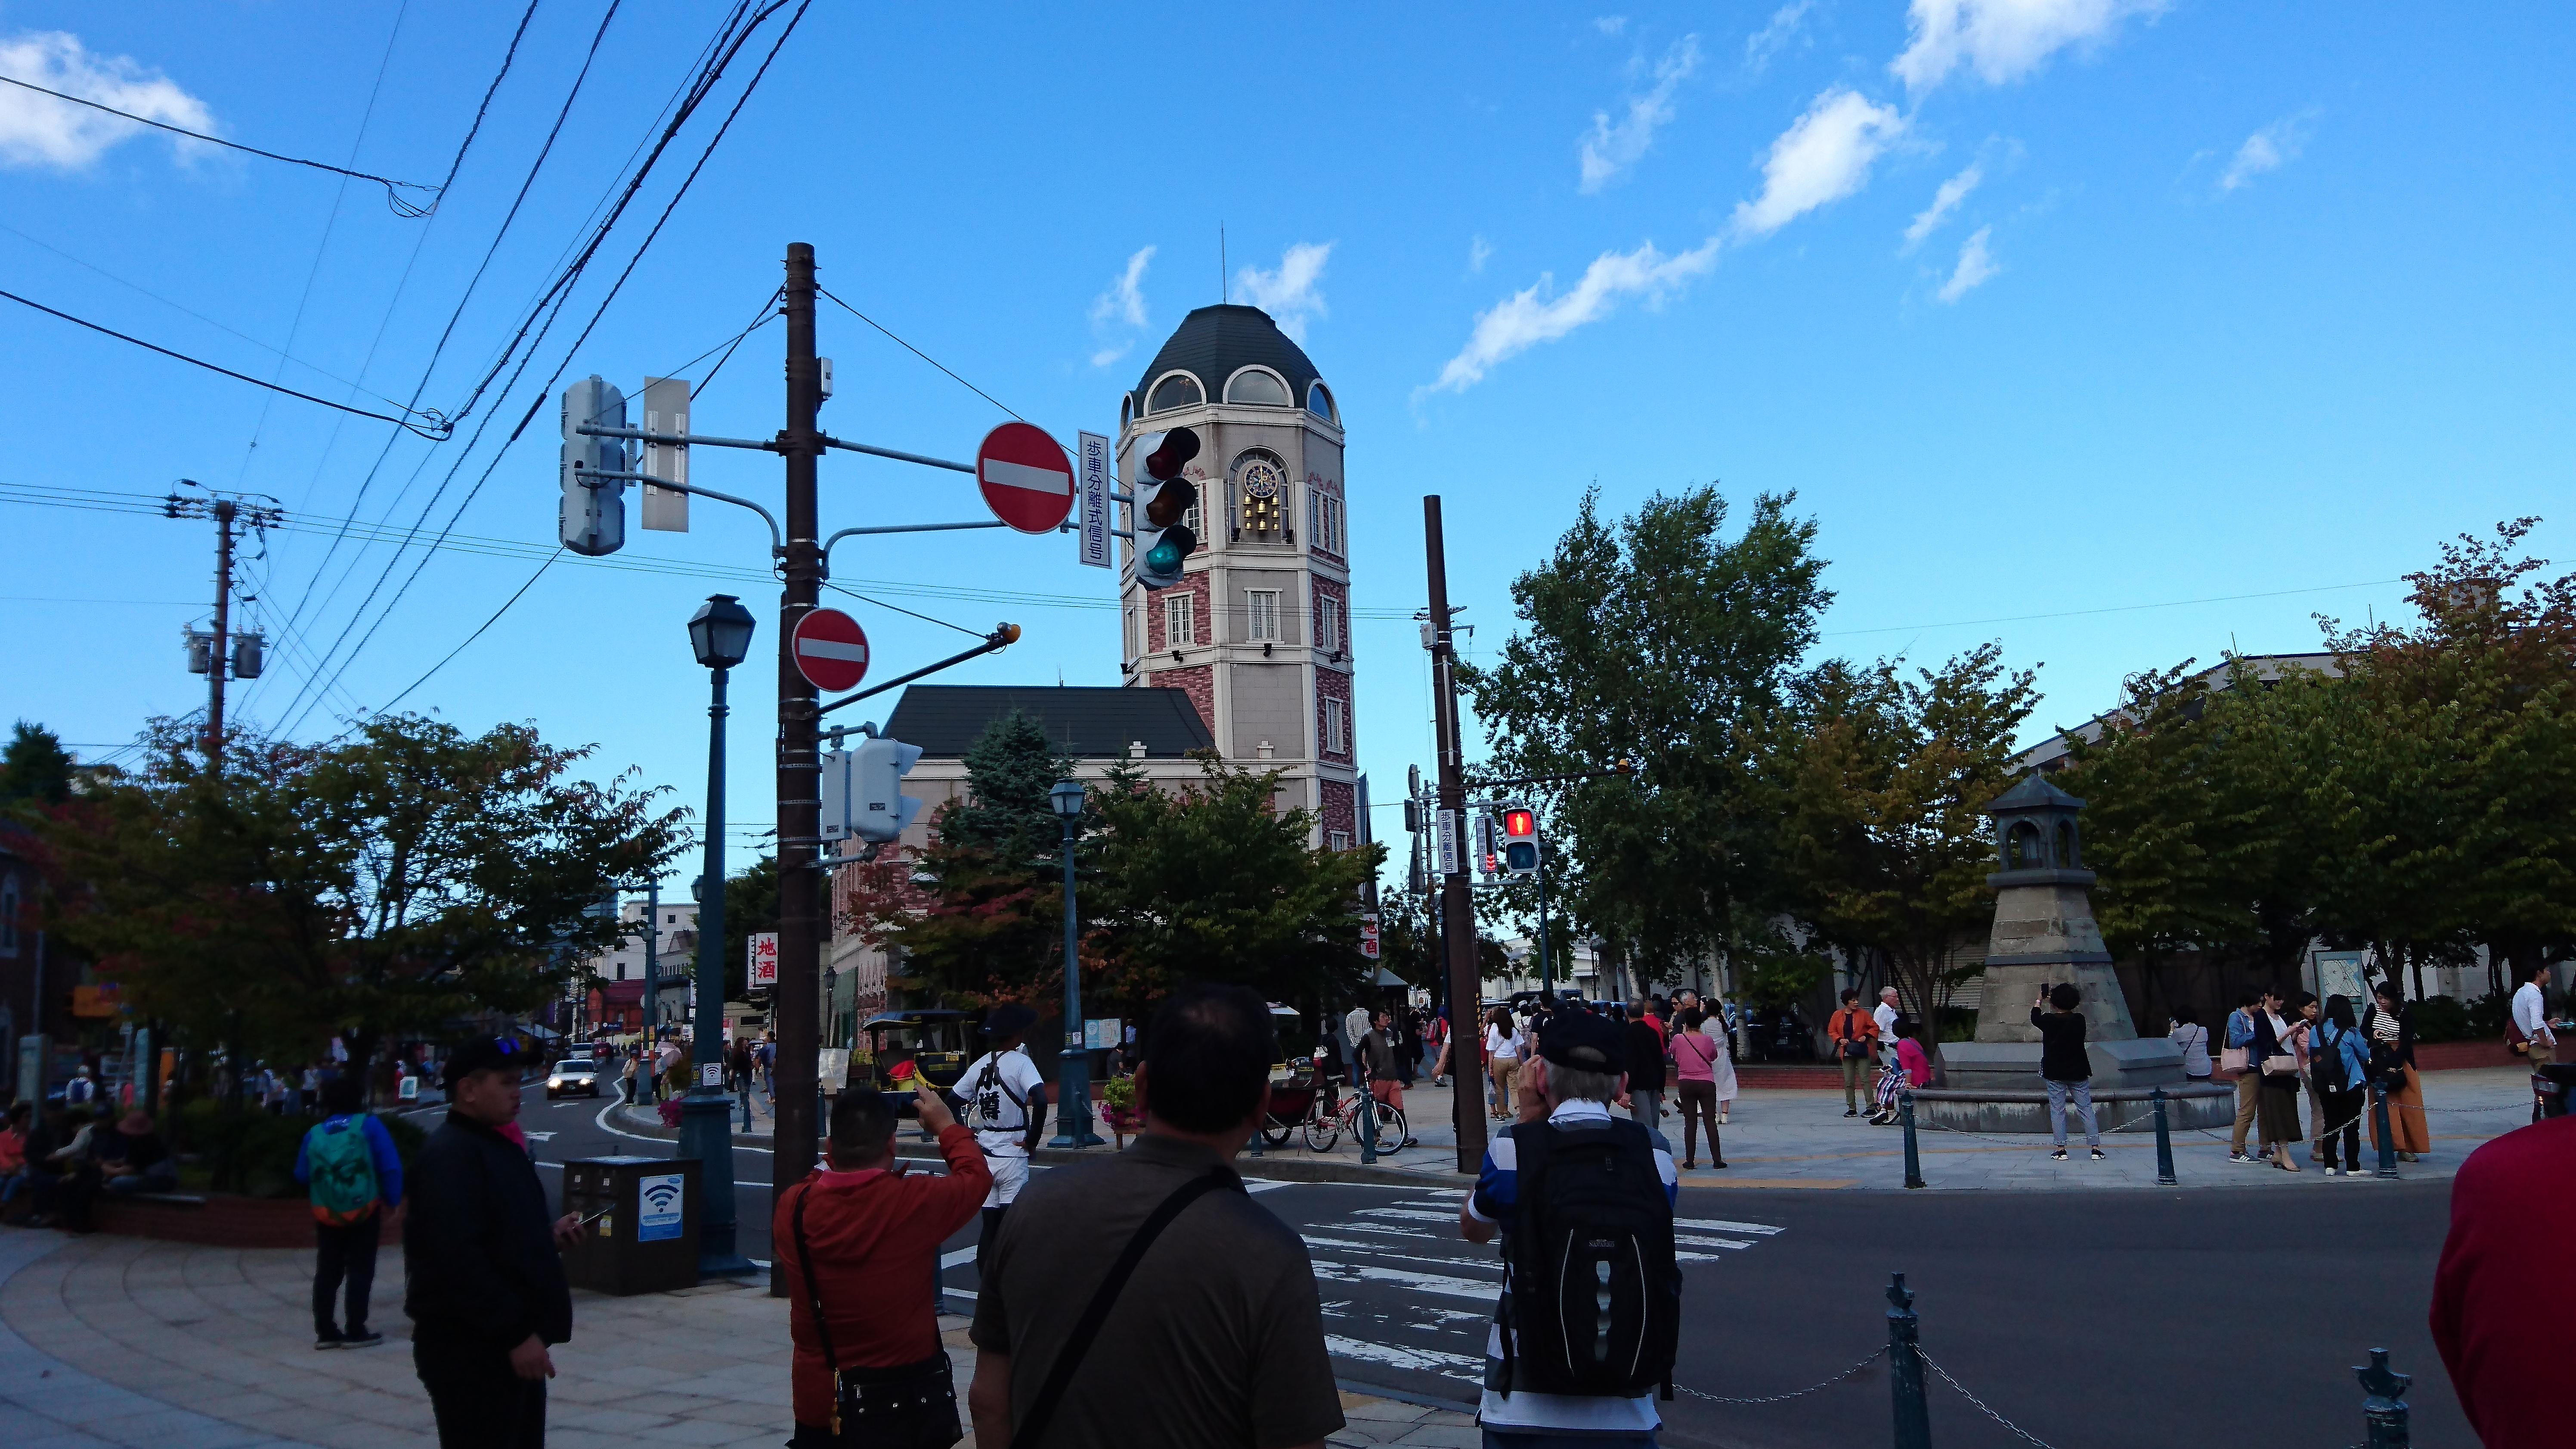 小樽観光に来たら、小樽運河食堂の海鮮丼がおすすめです